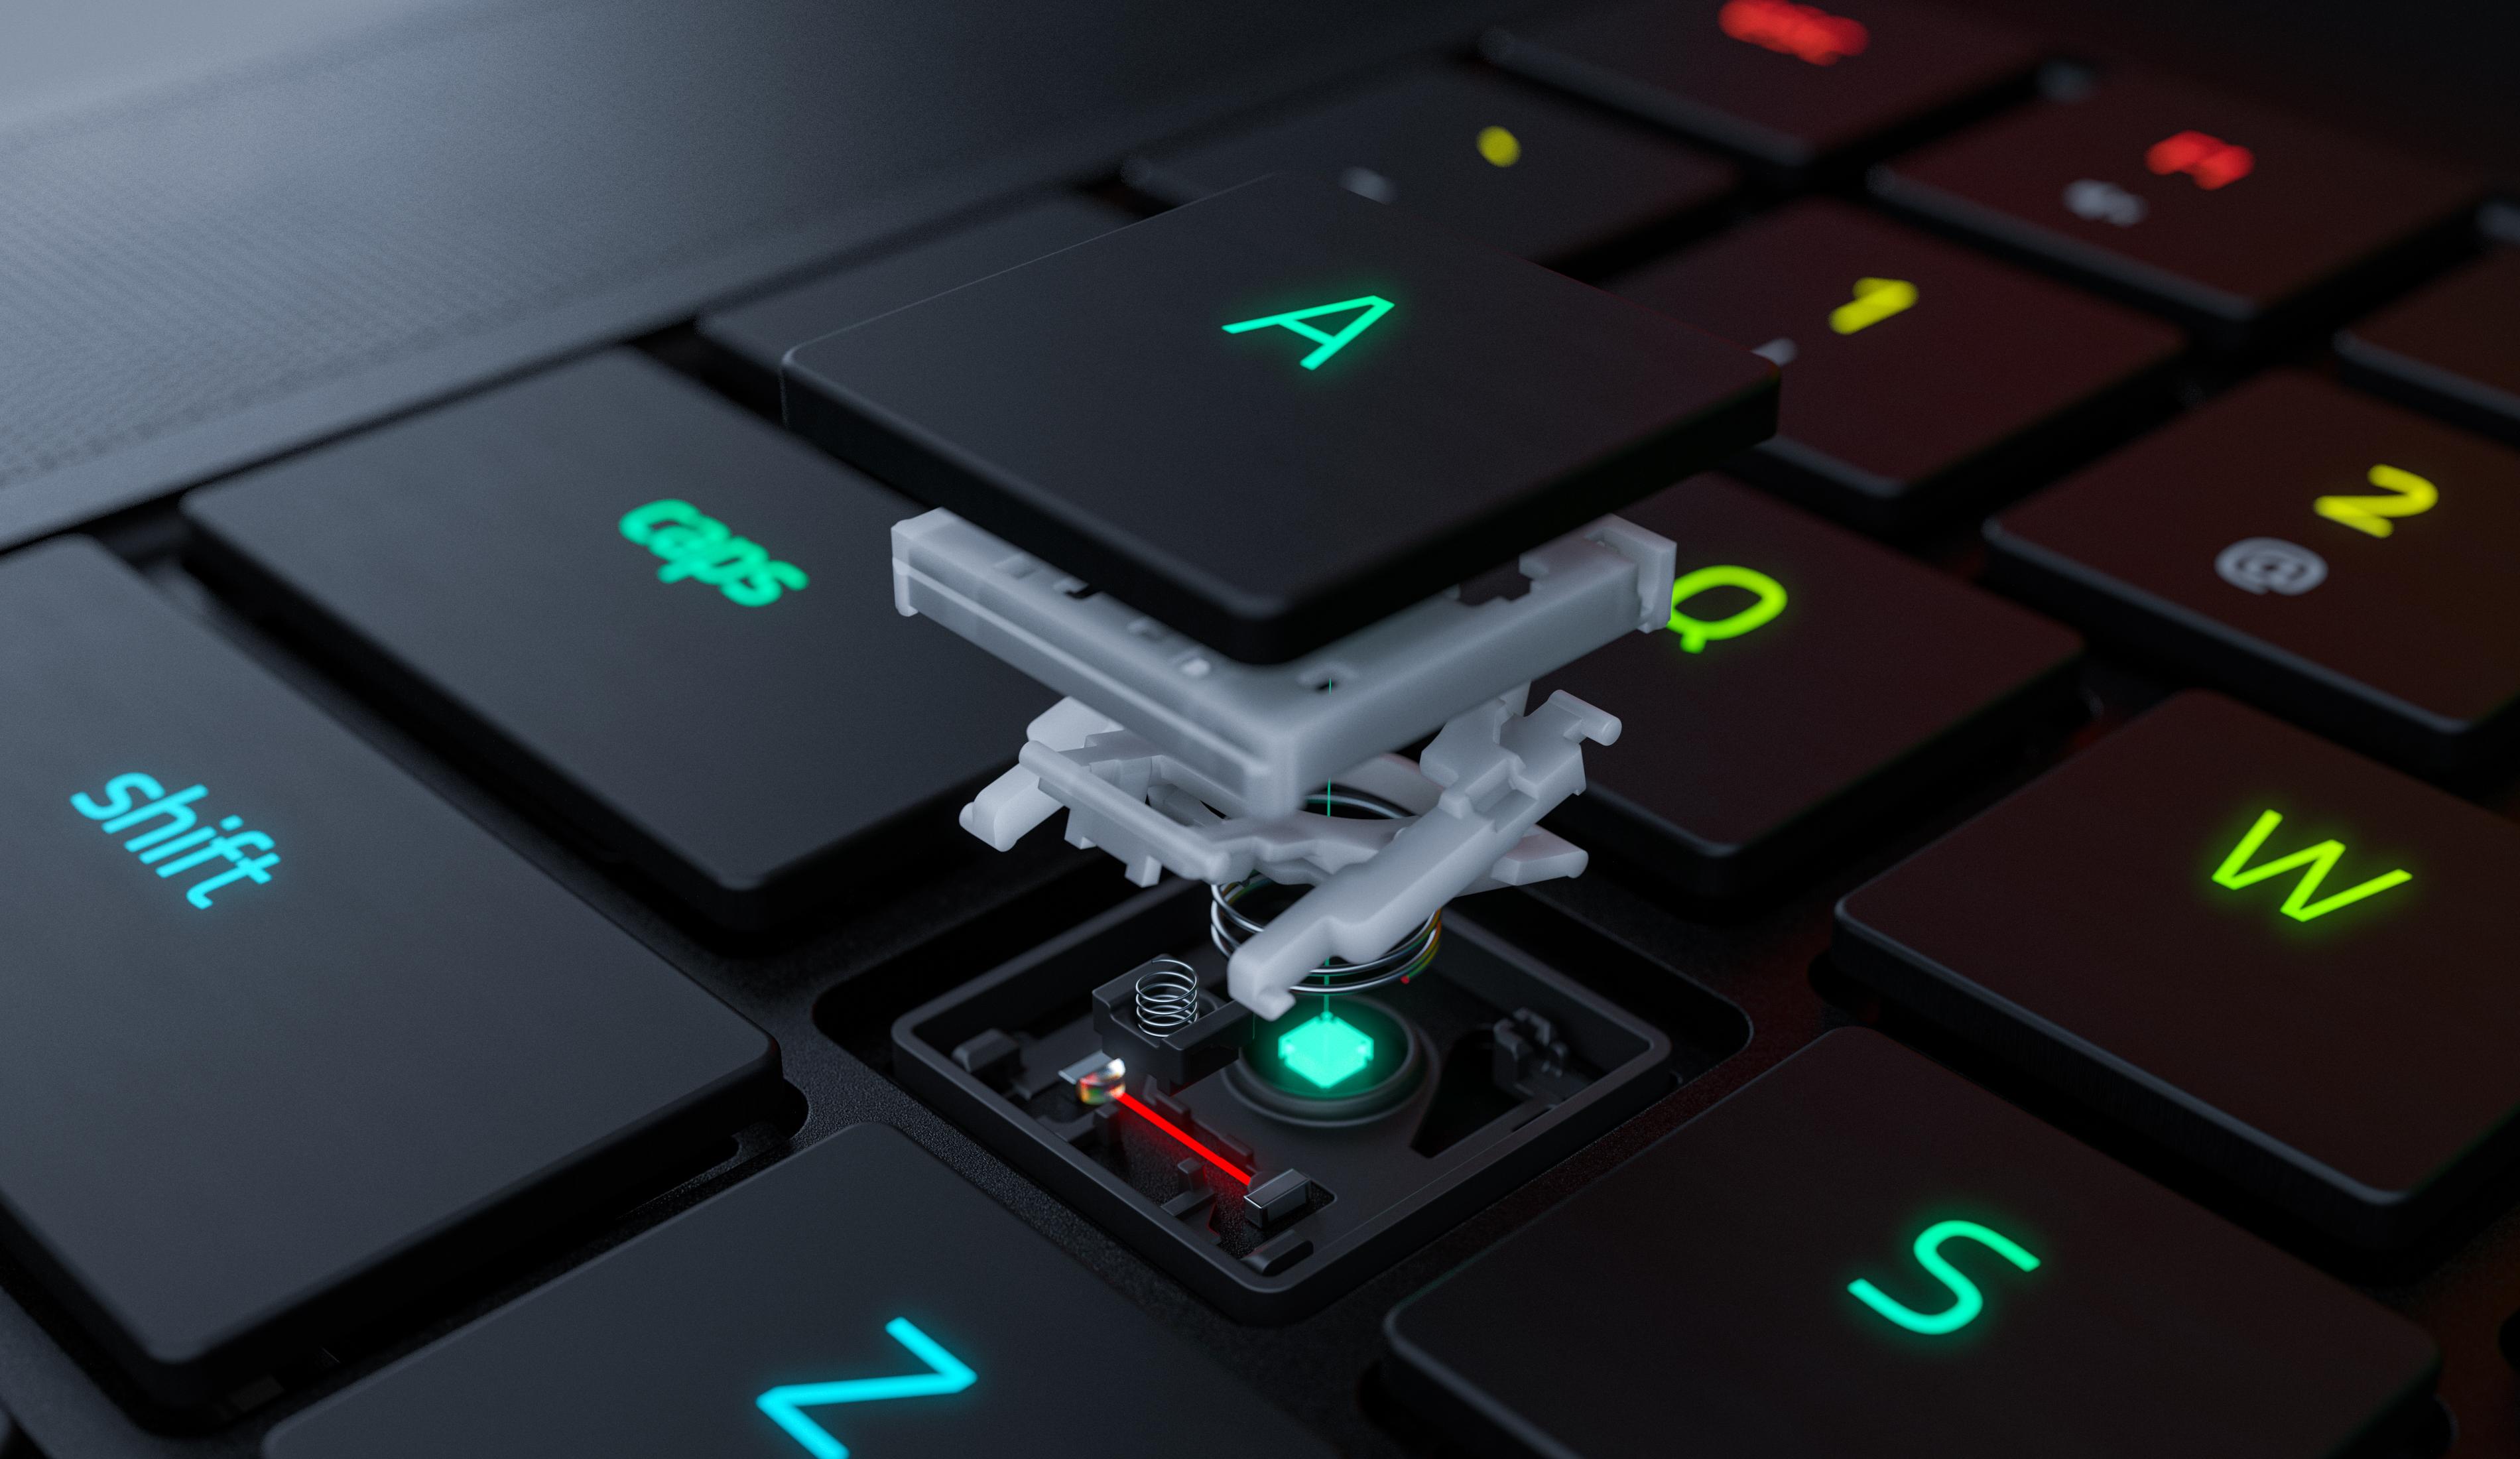 Razerin optiset kytkimet kannettavan tietokoneen näppäimistössä ovat ensimmäistä laatuaan maailmassa